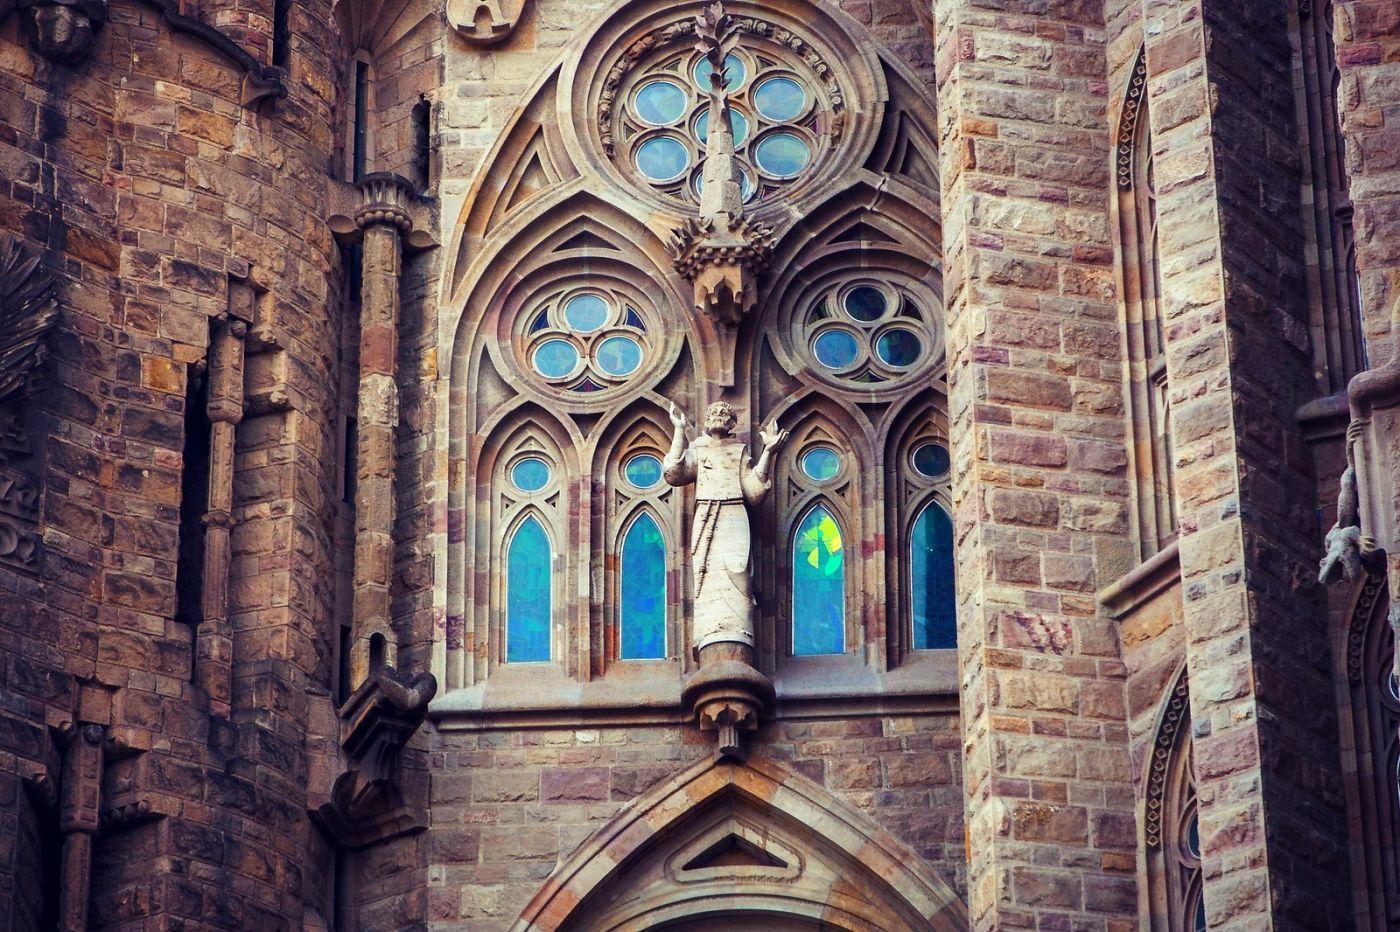 西班牙圣家堂(Sagrada Família), 上帝建筑师-高第的作品_图1-21